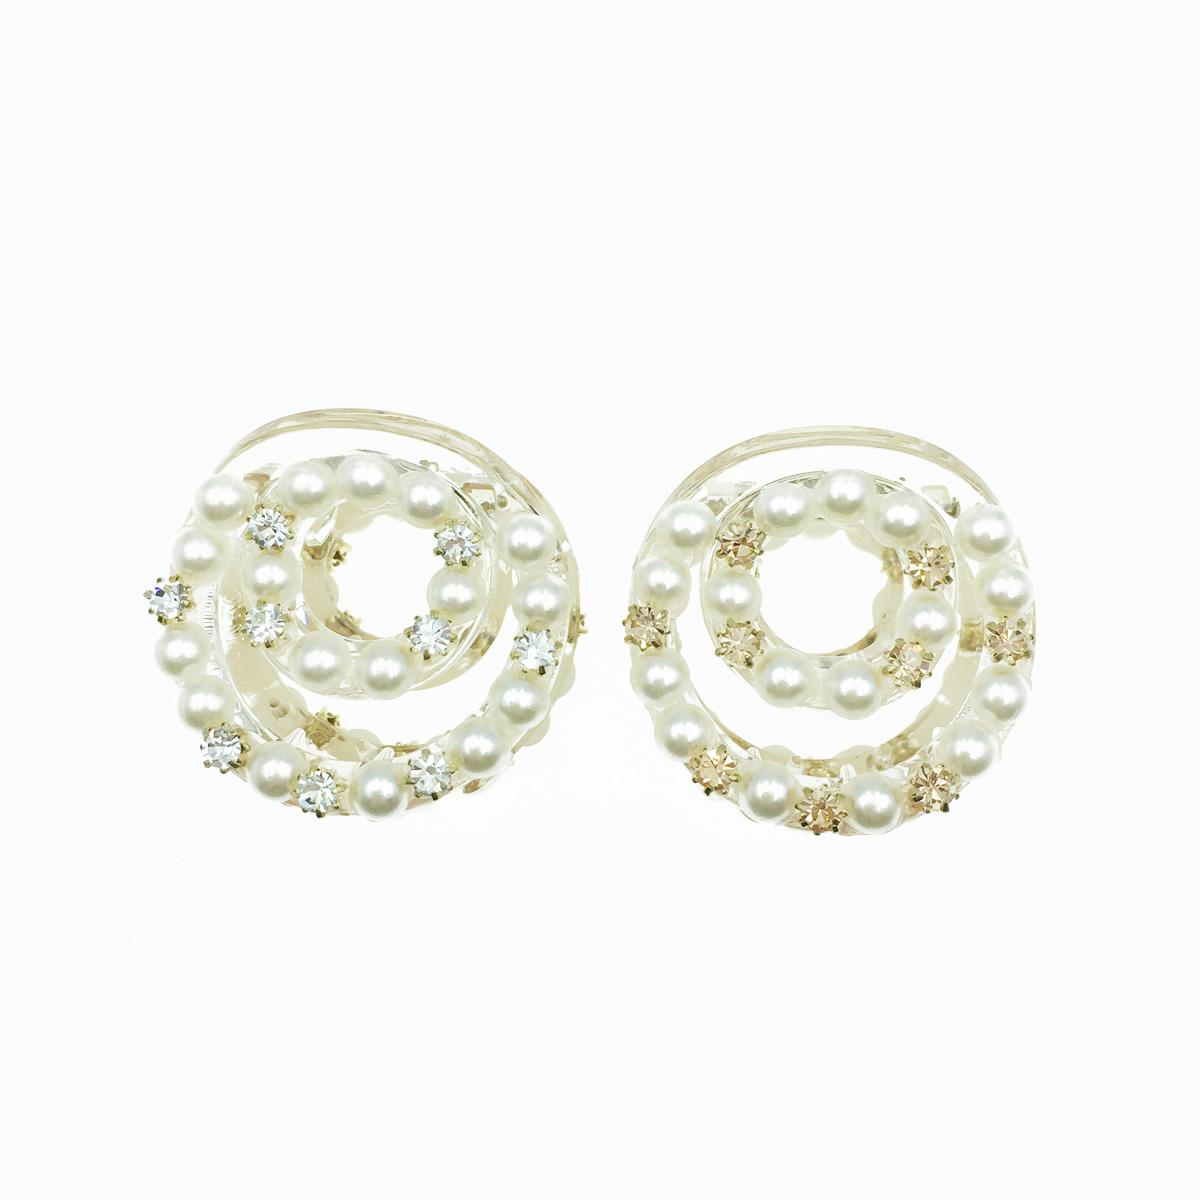 韓國 珍珠 水鑽 同心圓 簍空 透明感 2色 髮飾 爪夾 髮夾